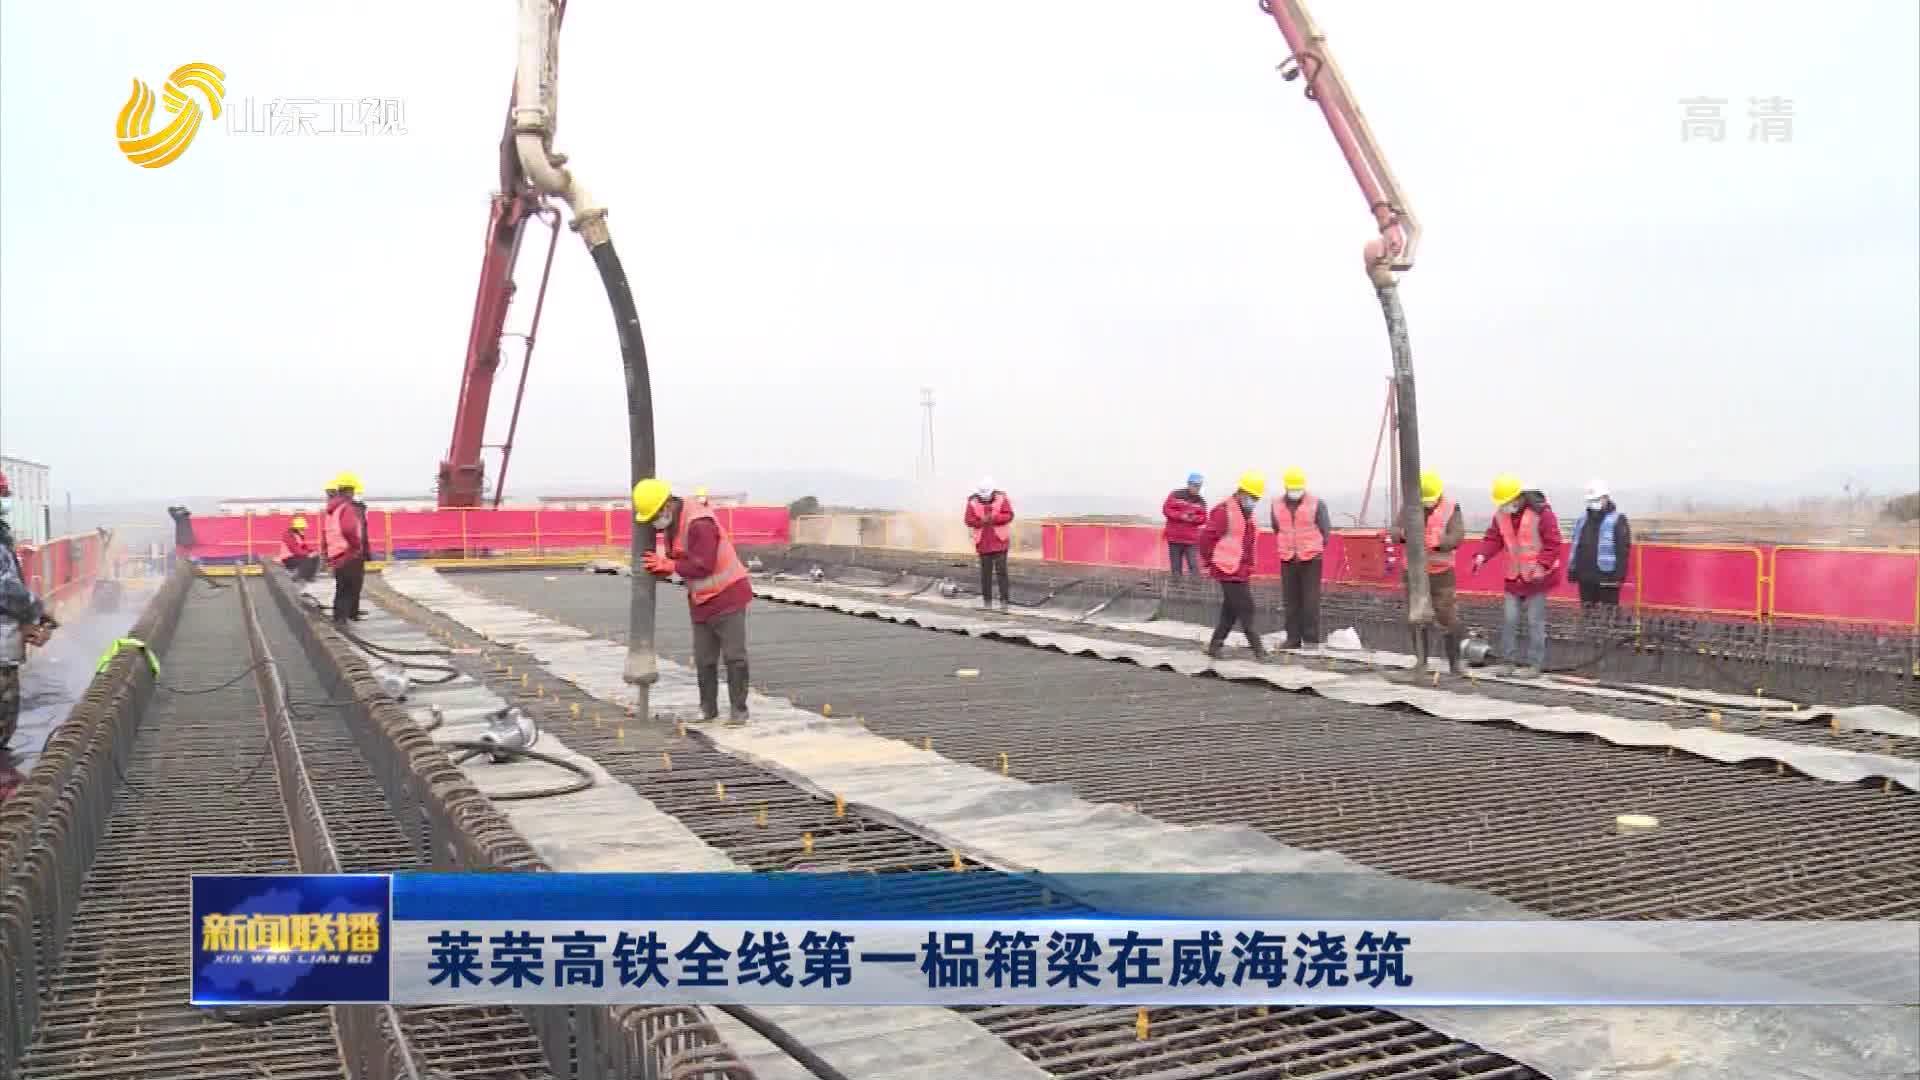 【新年开新局】莱荣高铁全线第一榀箱梁在威海浇筑